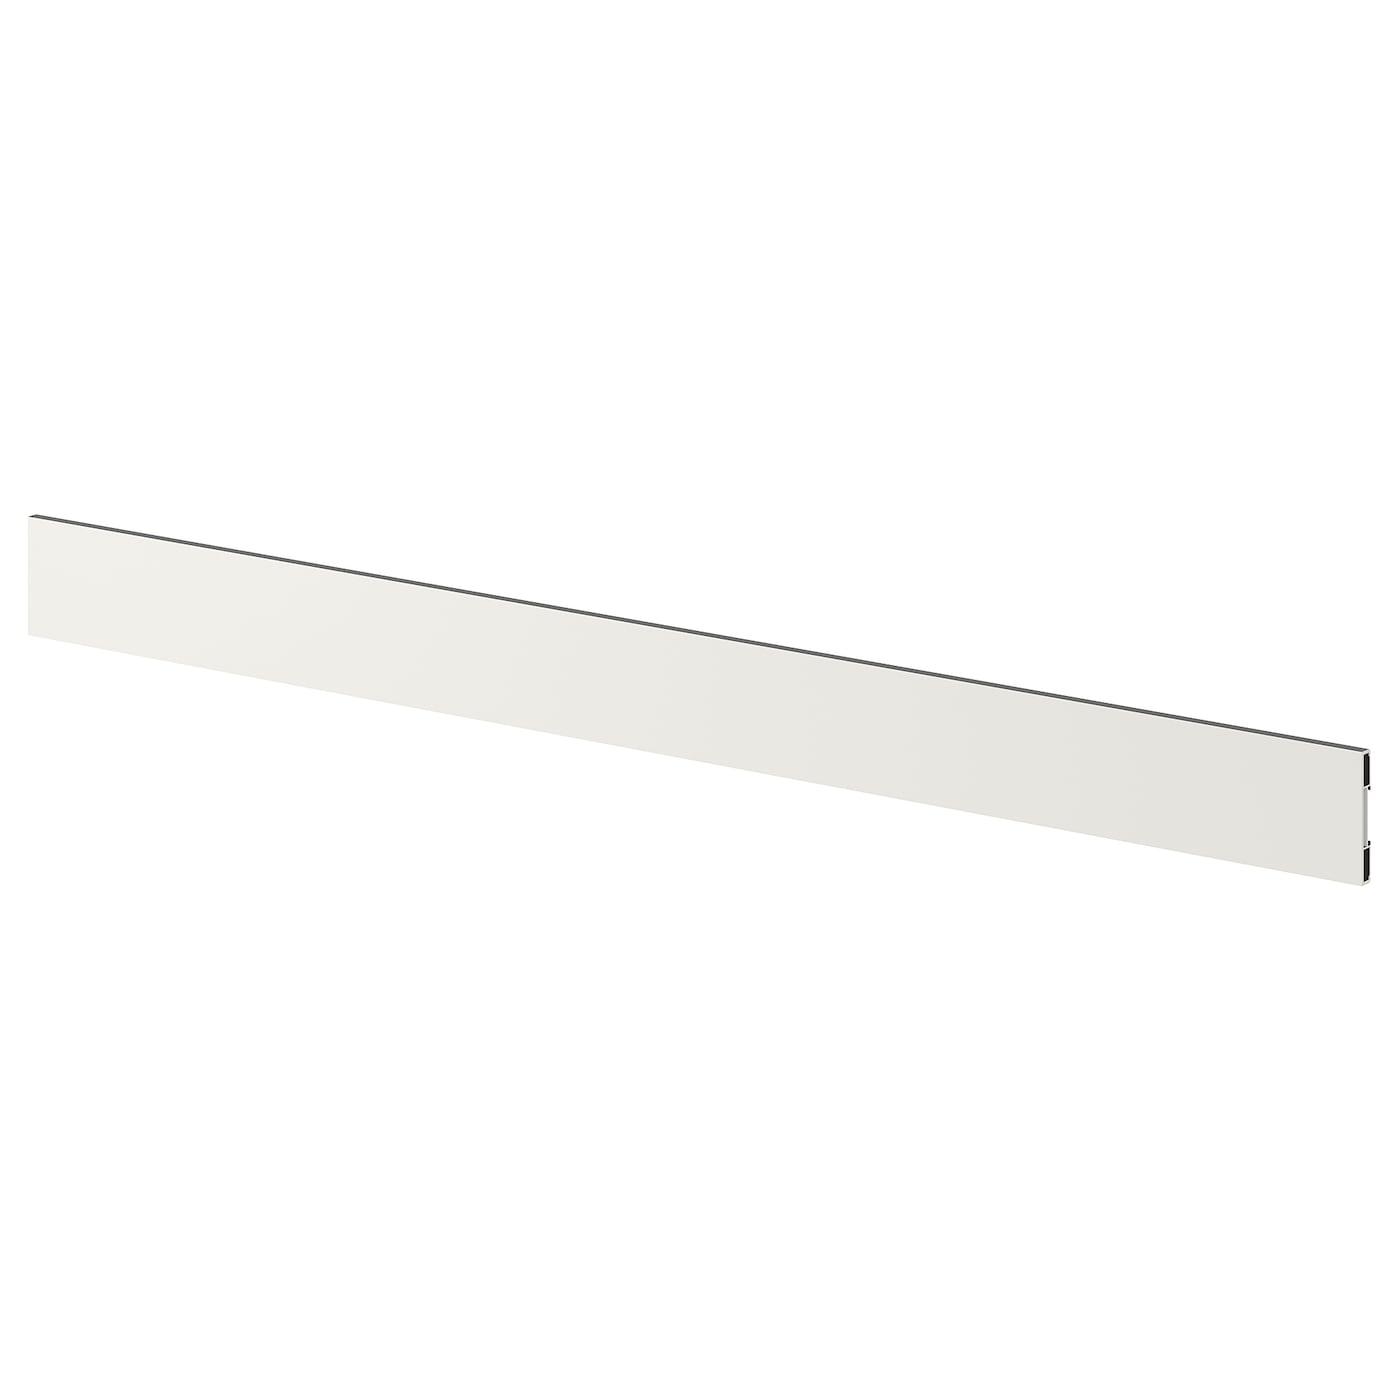 Forbattra Plint Wit Koop Hier Ikea